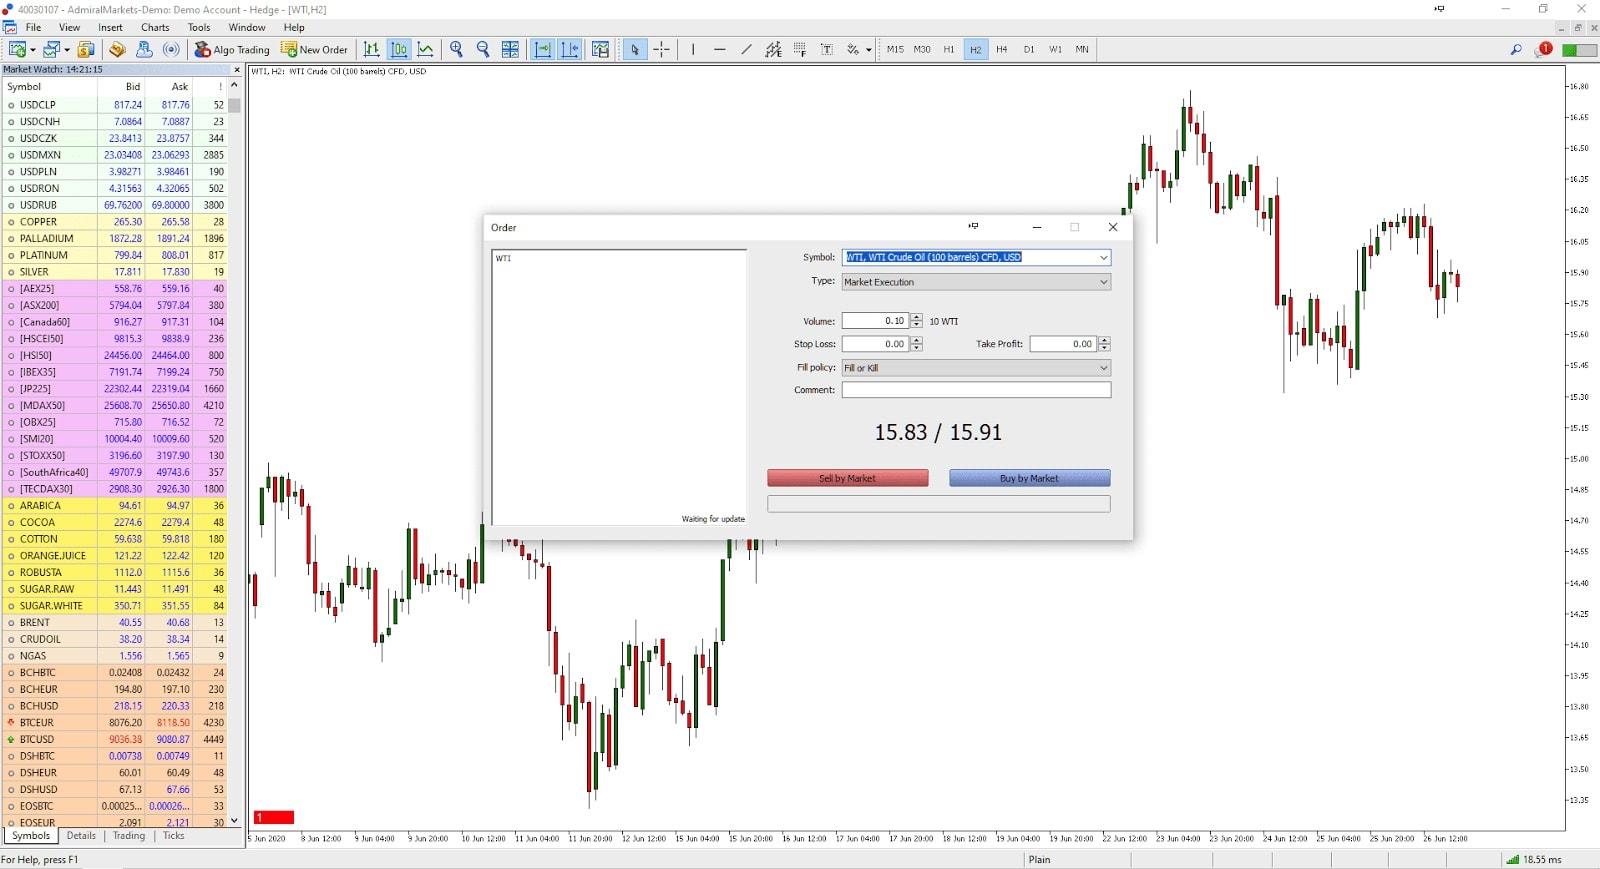 strategia de tranzacționare a știrilor de către indicatori plătiți ai opțiunilor binare